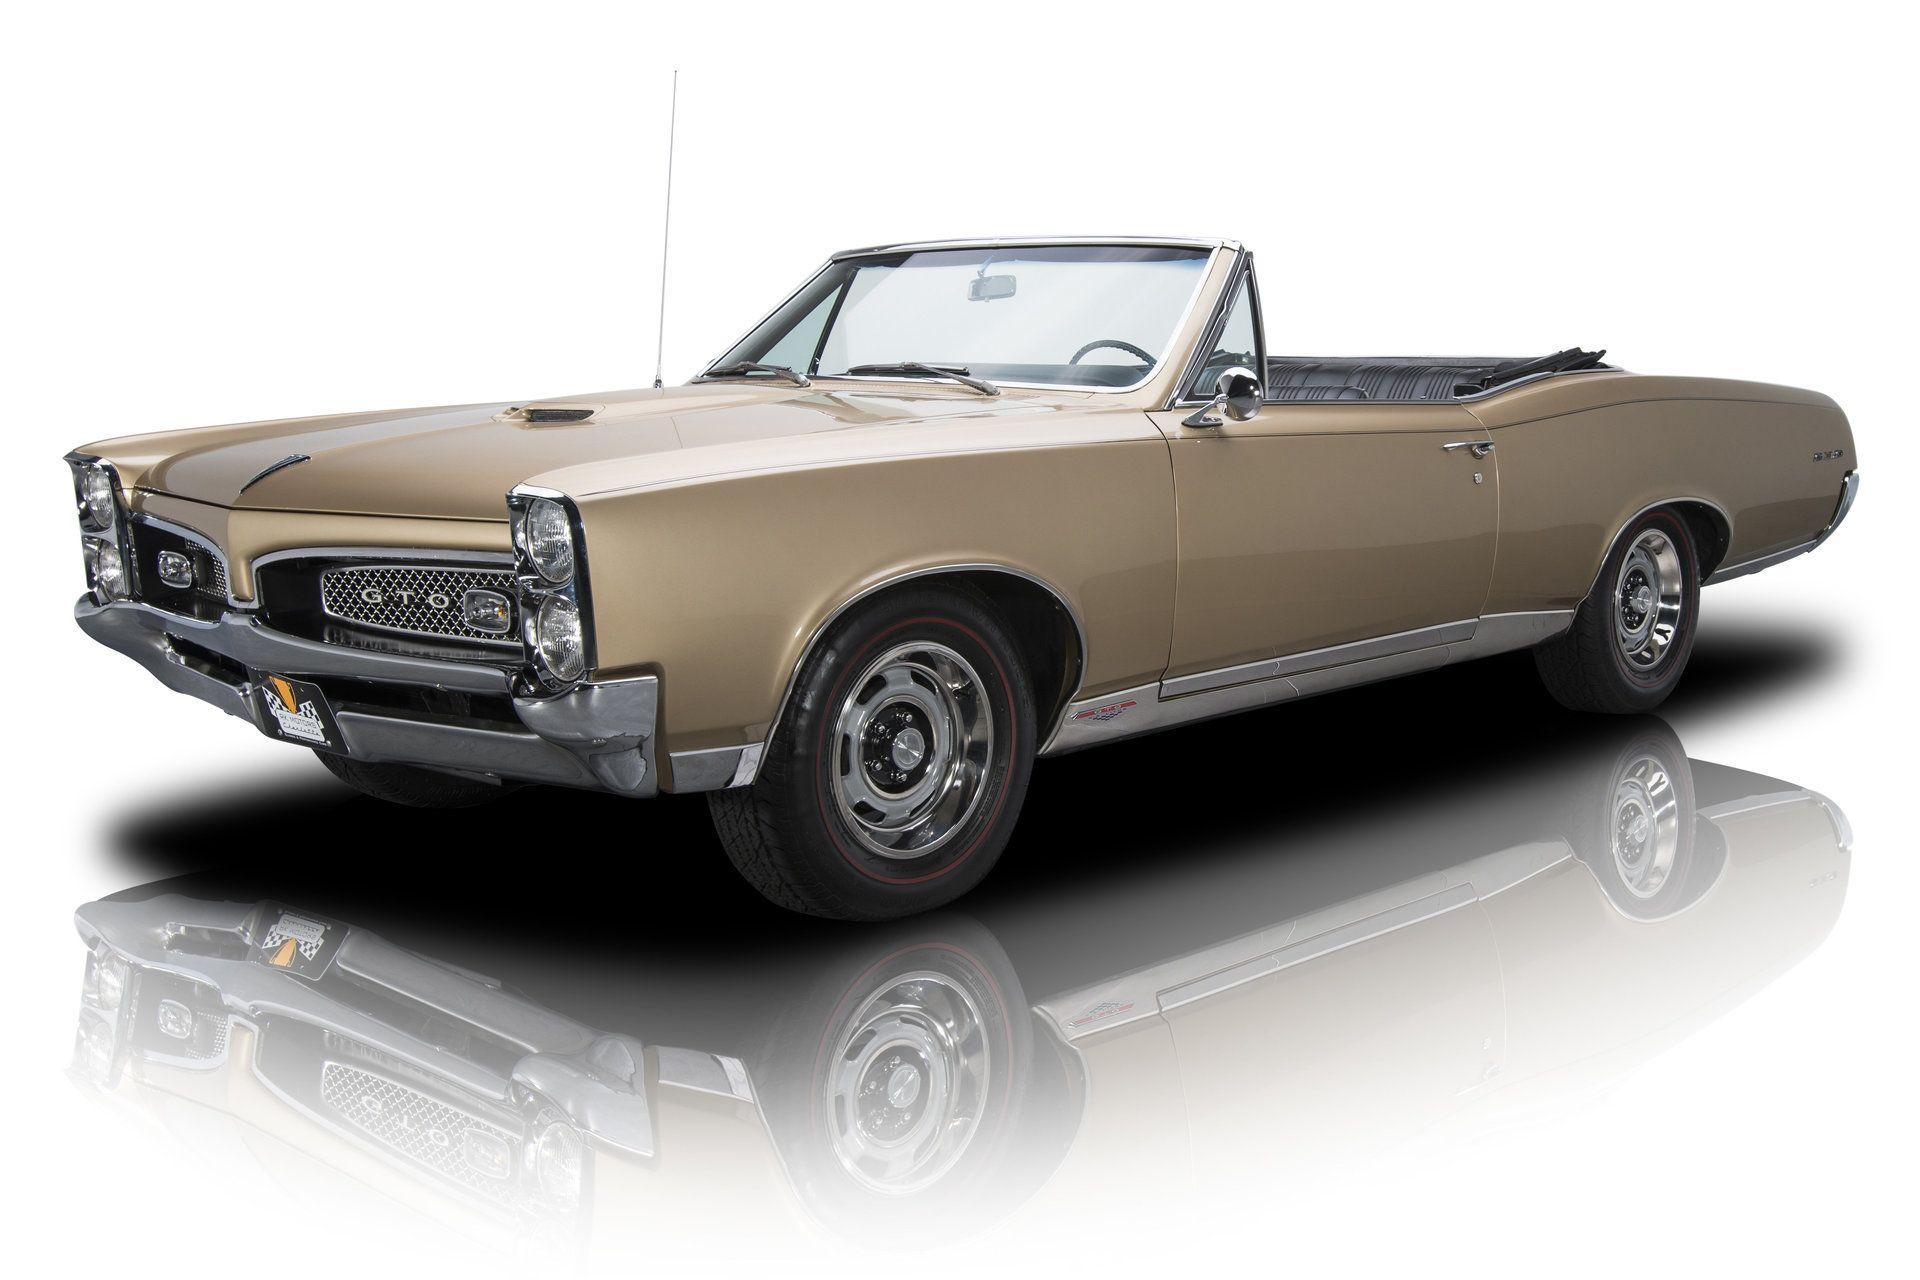 132471 1956 Chevrolet Bel Air | RK Motors Classic and